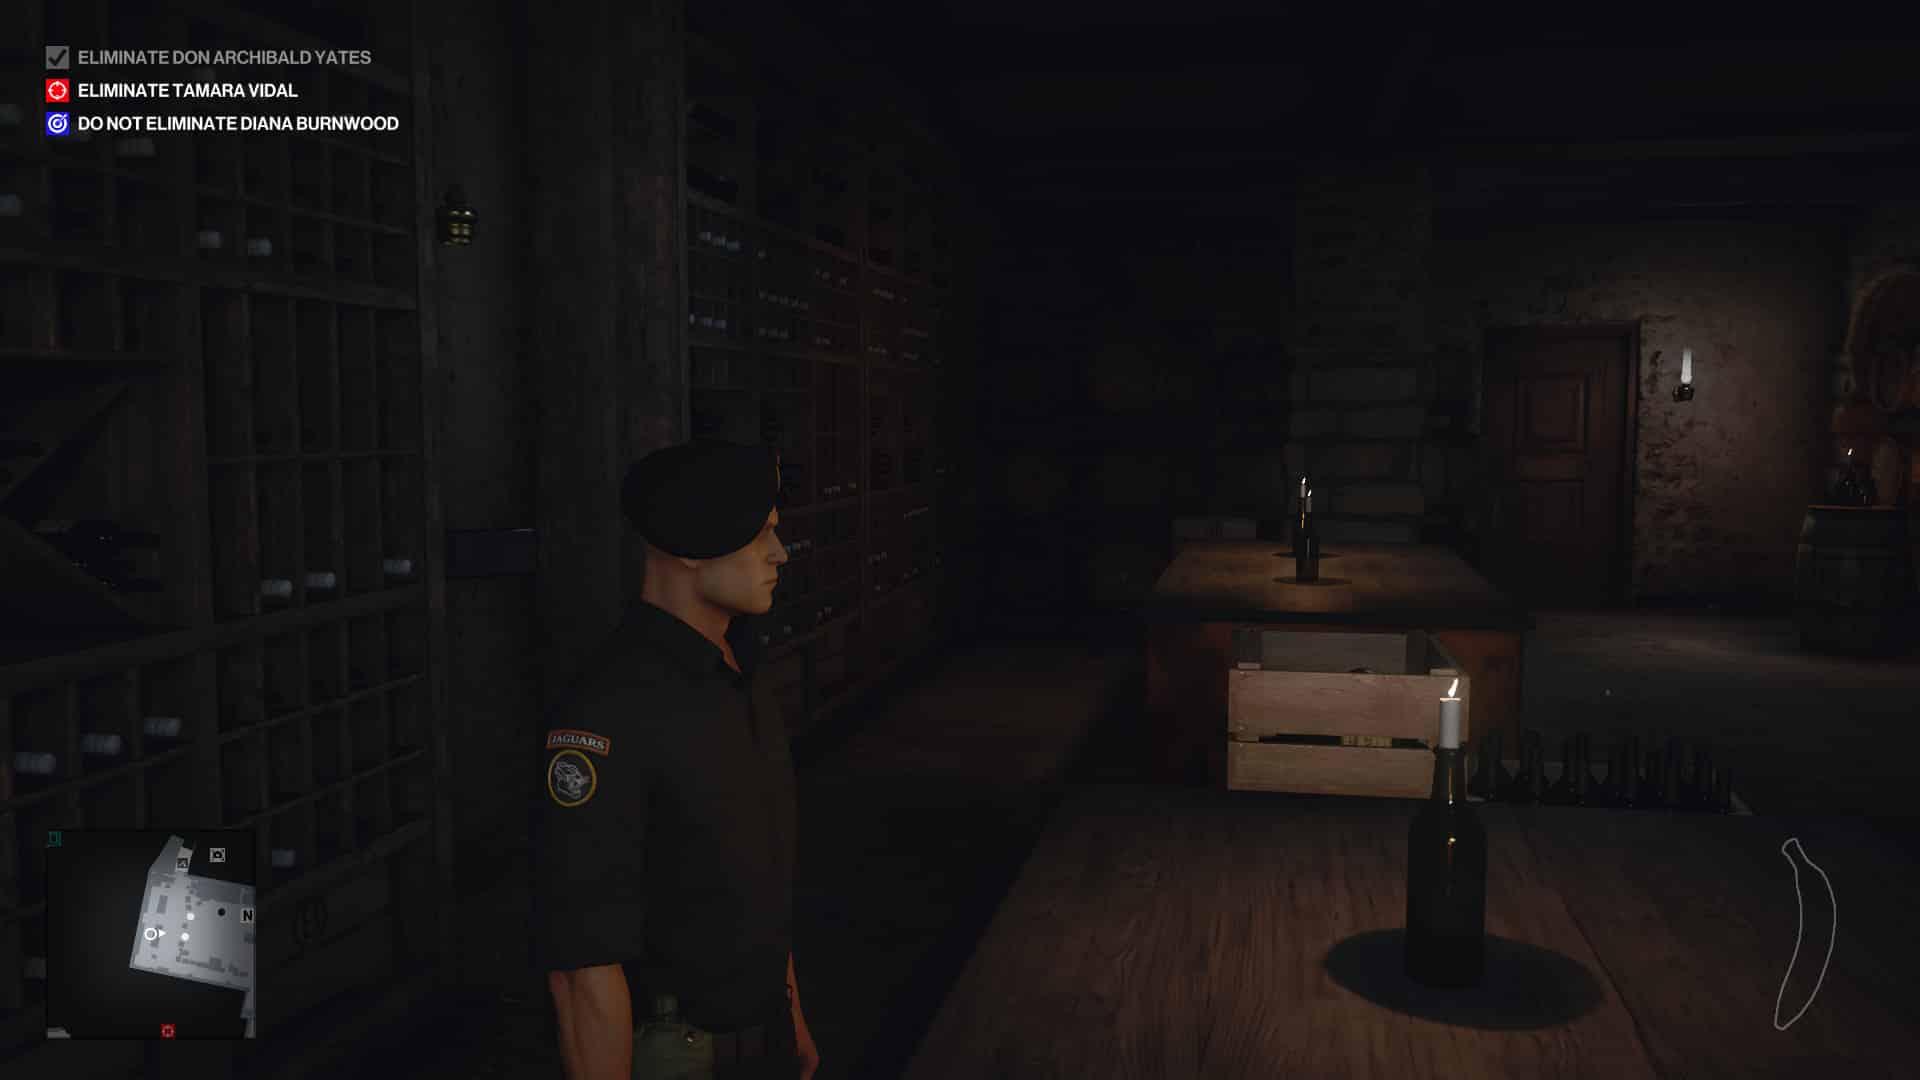 Hitman 3 Mendoza Assassination Guide Domestic Disturbance